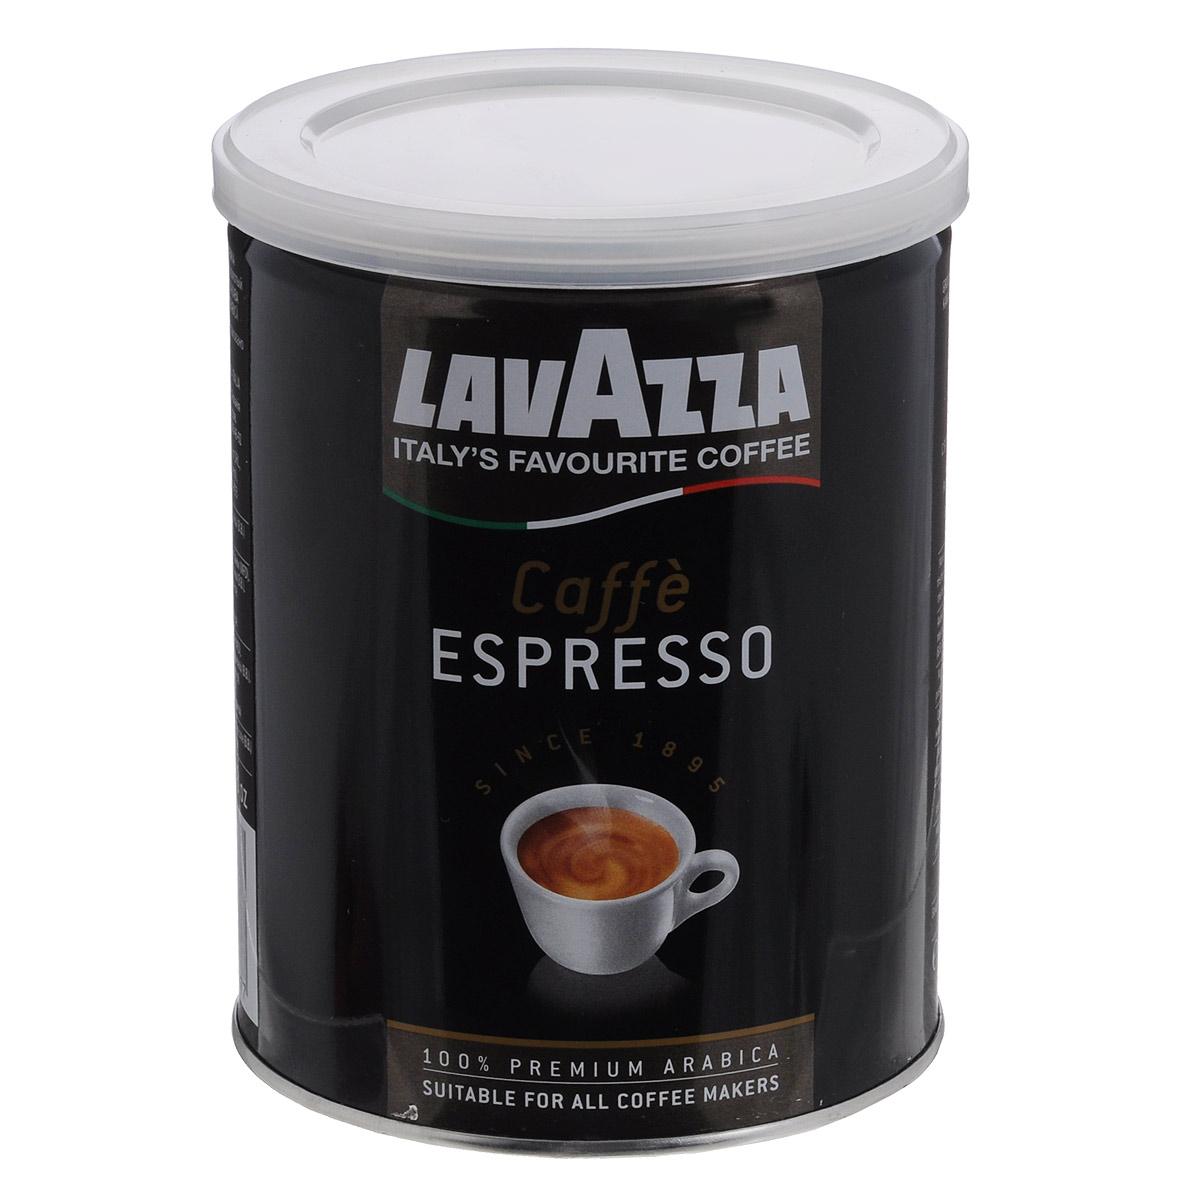 Lavazza Caffe Espresso кофе молотый, 250 г (ж/б)1887Молотый кофе средней обжарки Lavazza Caffe Espresso - смесь арабики Центральной Америки и Африки - обладает крепким,насыщенным вкусом и приятным ароматом. Отлично подходит для варки в турке и приготовления в кофемашине.